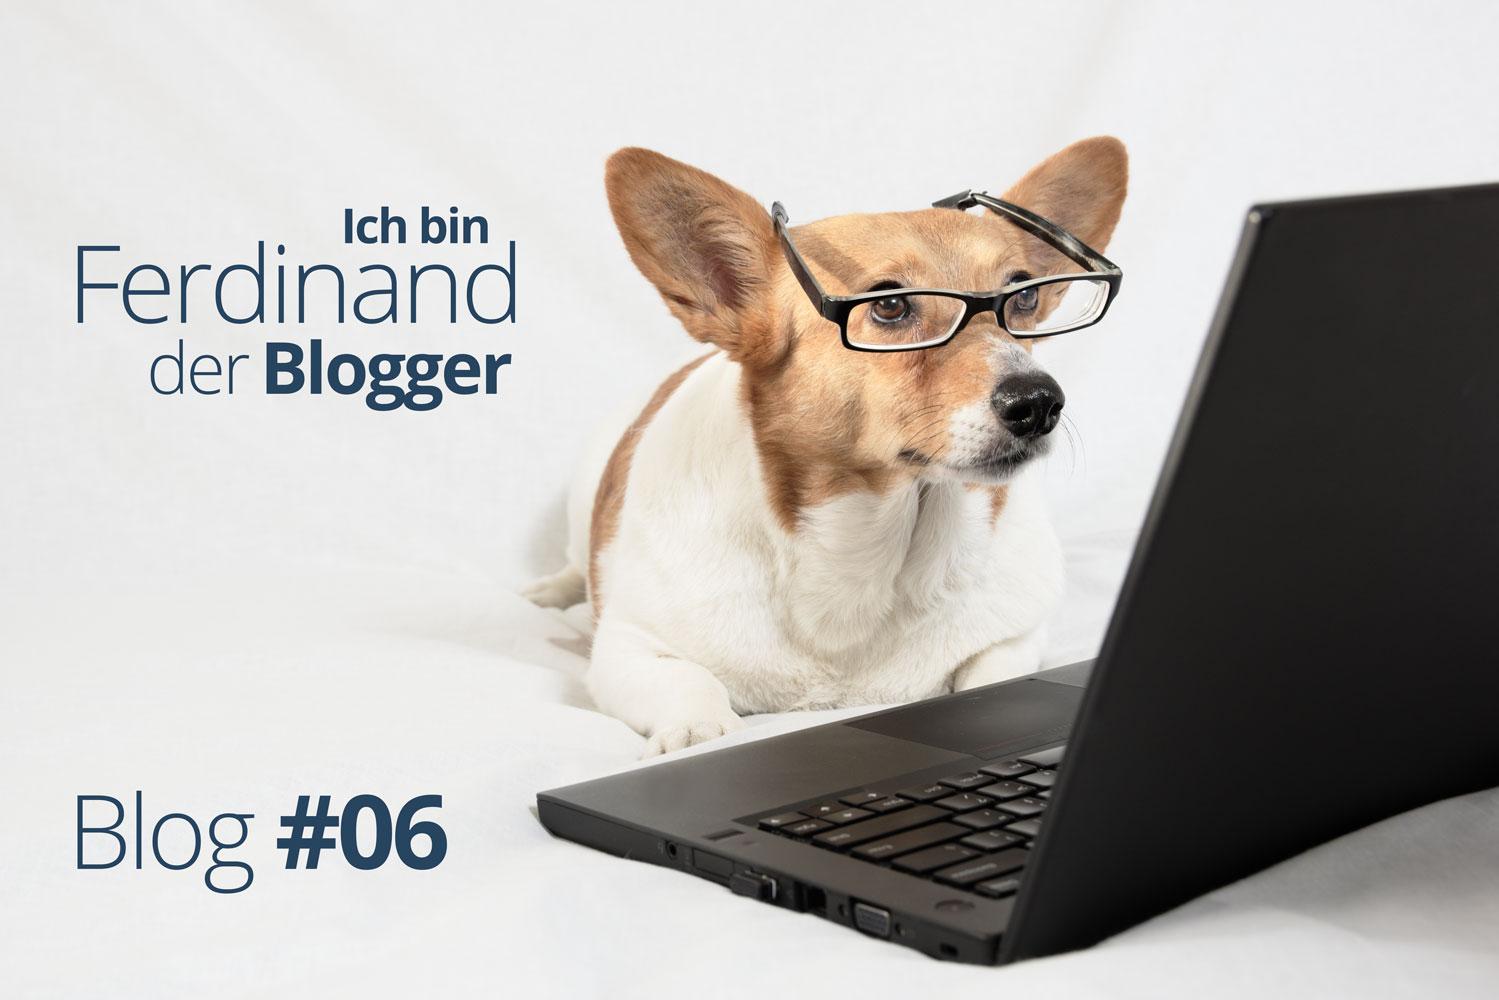 Ferdinand der Blogger – Ein Hund packt aus #06 – Ein Witz